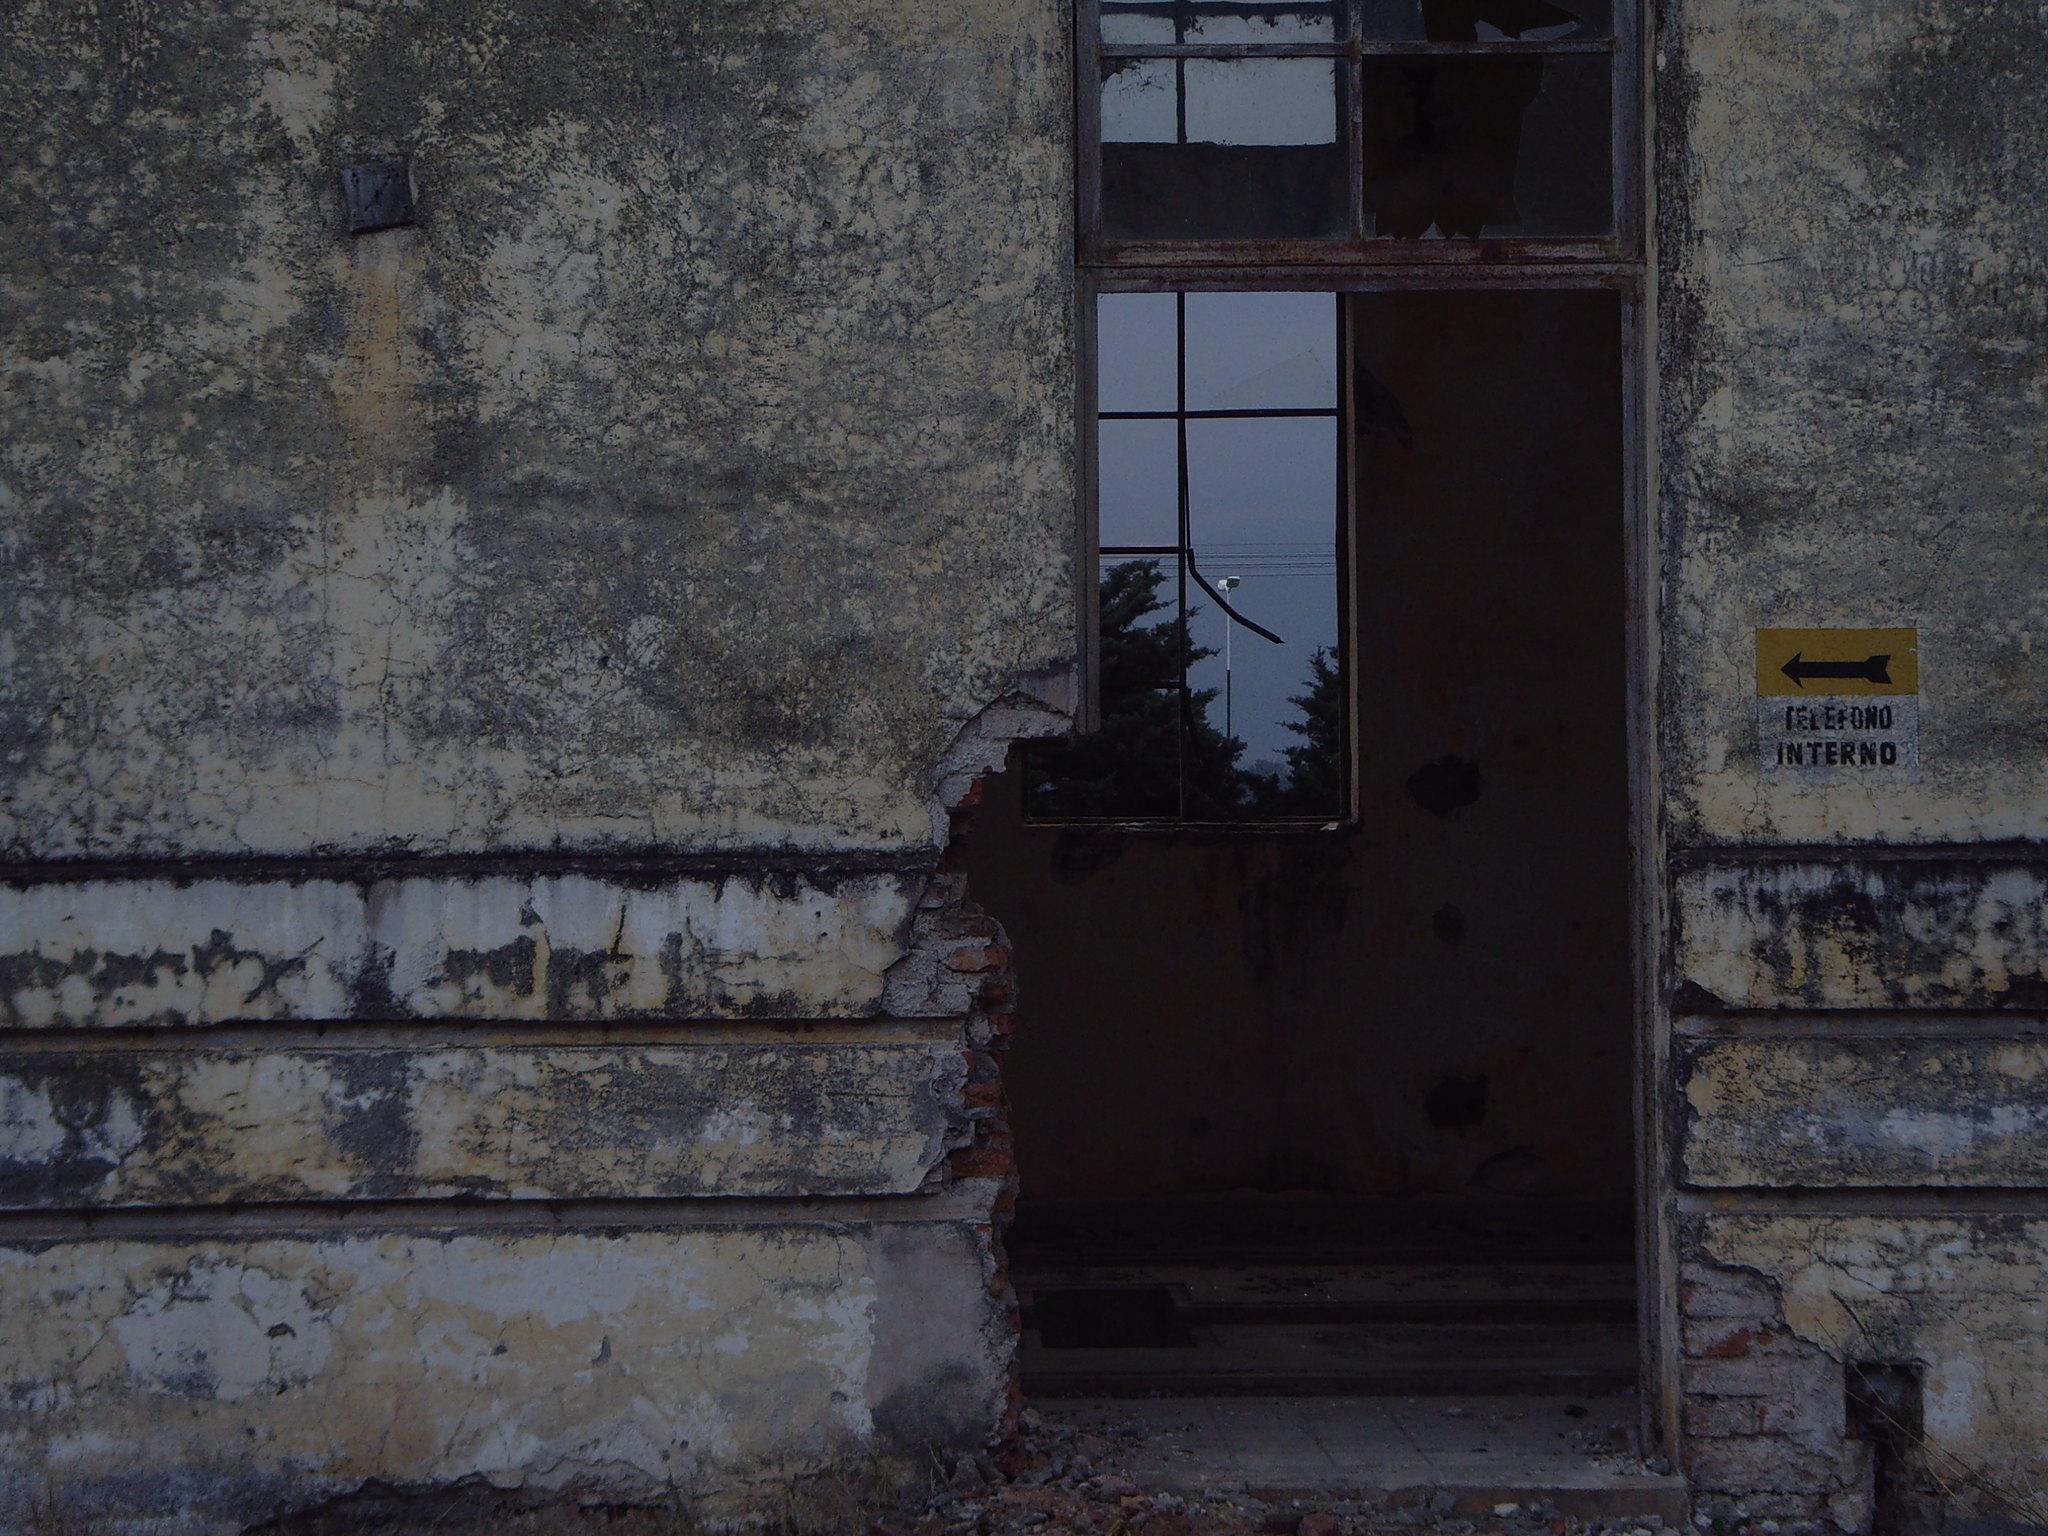 Imagenes De Sentirse Abandonado: [Publicidad] Fotos De Un Lugar Abandonado